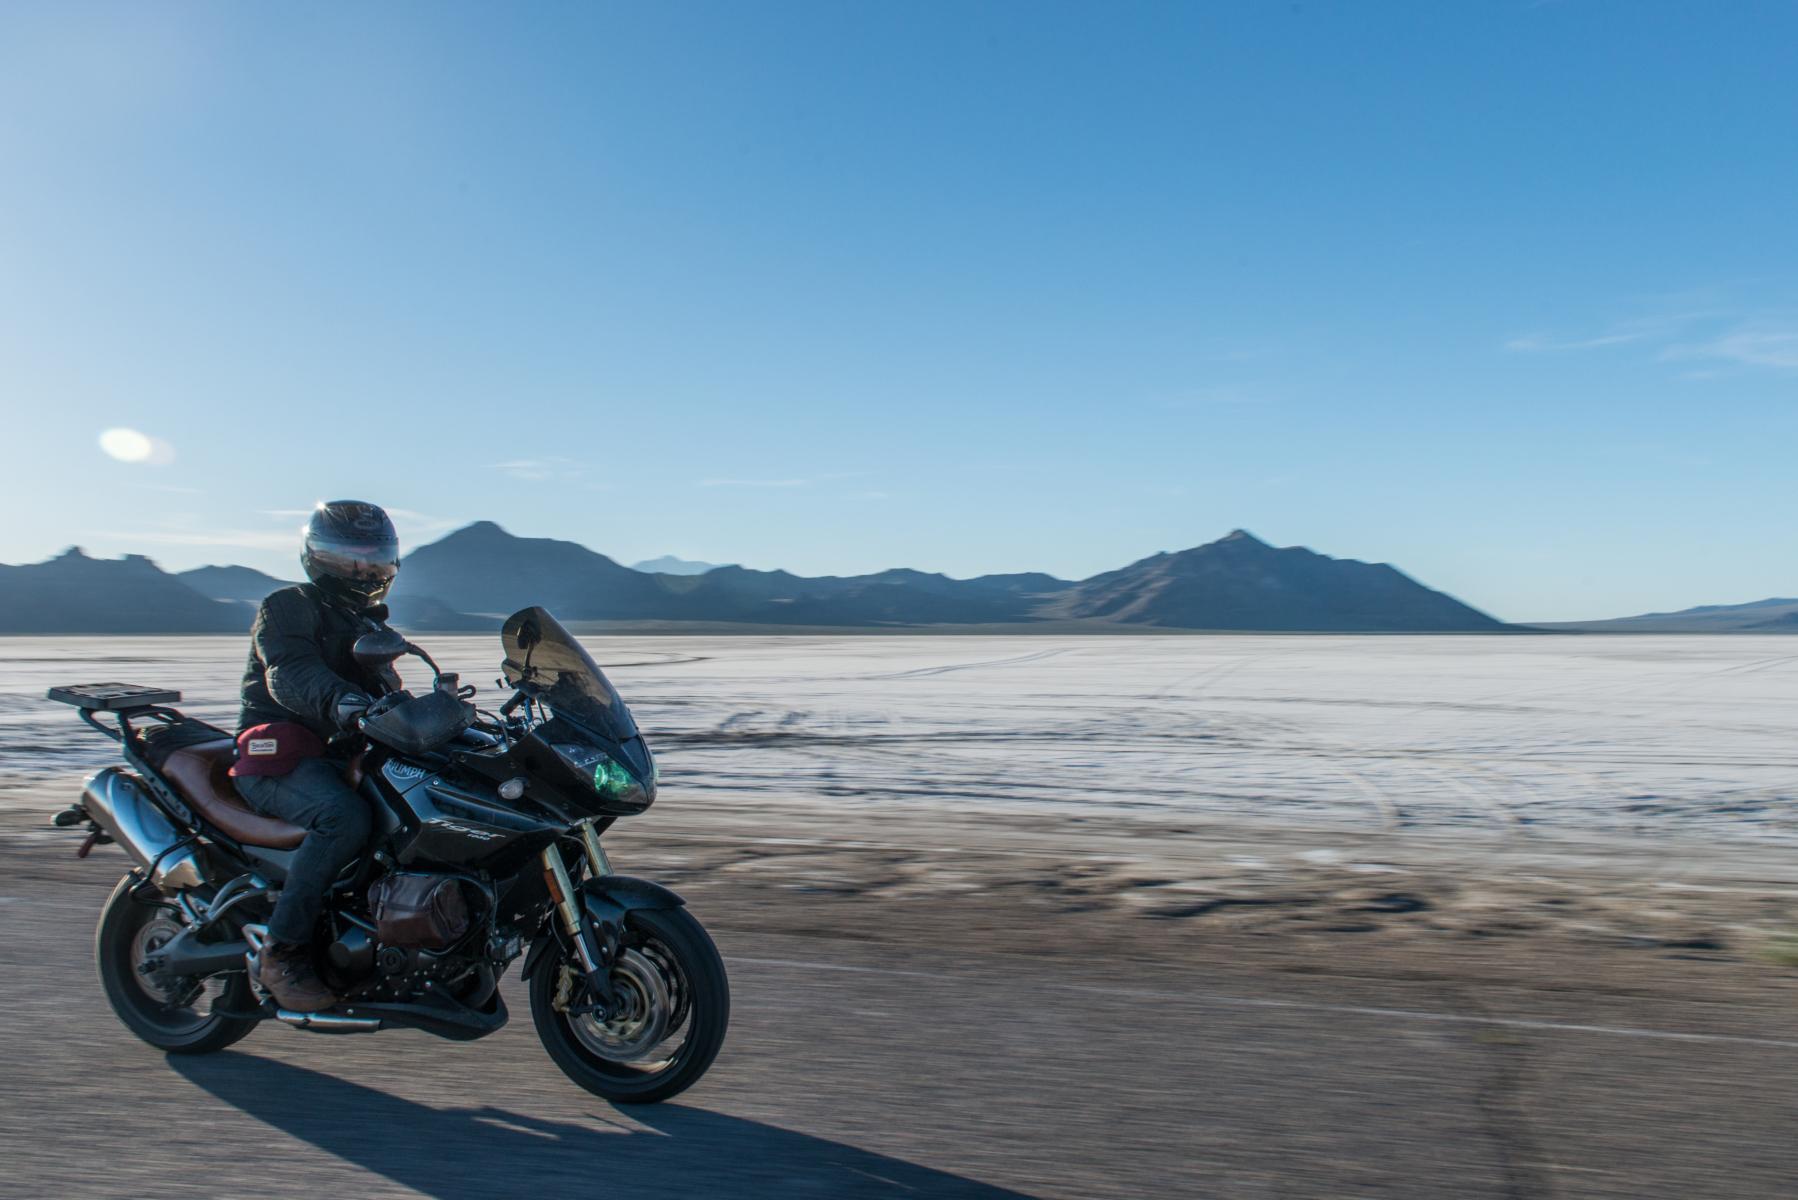 Riding out to Bonneville Salt Flats